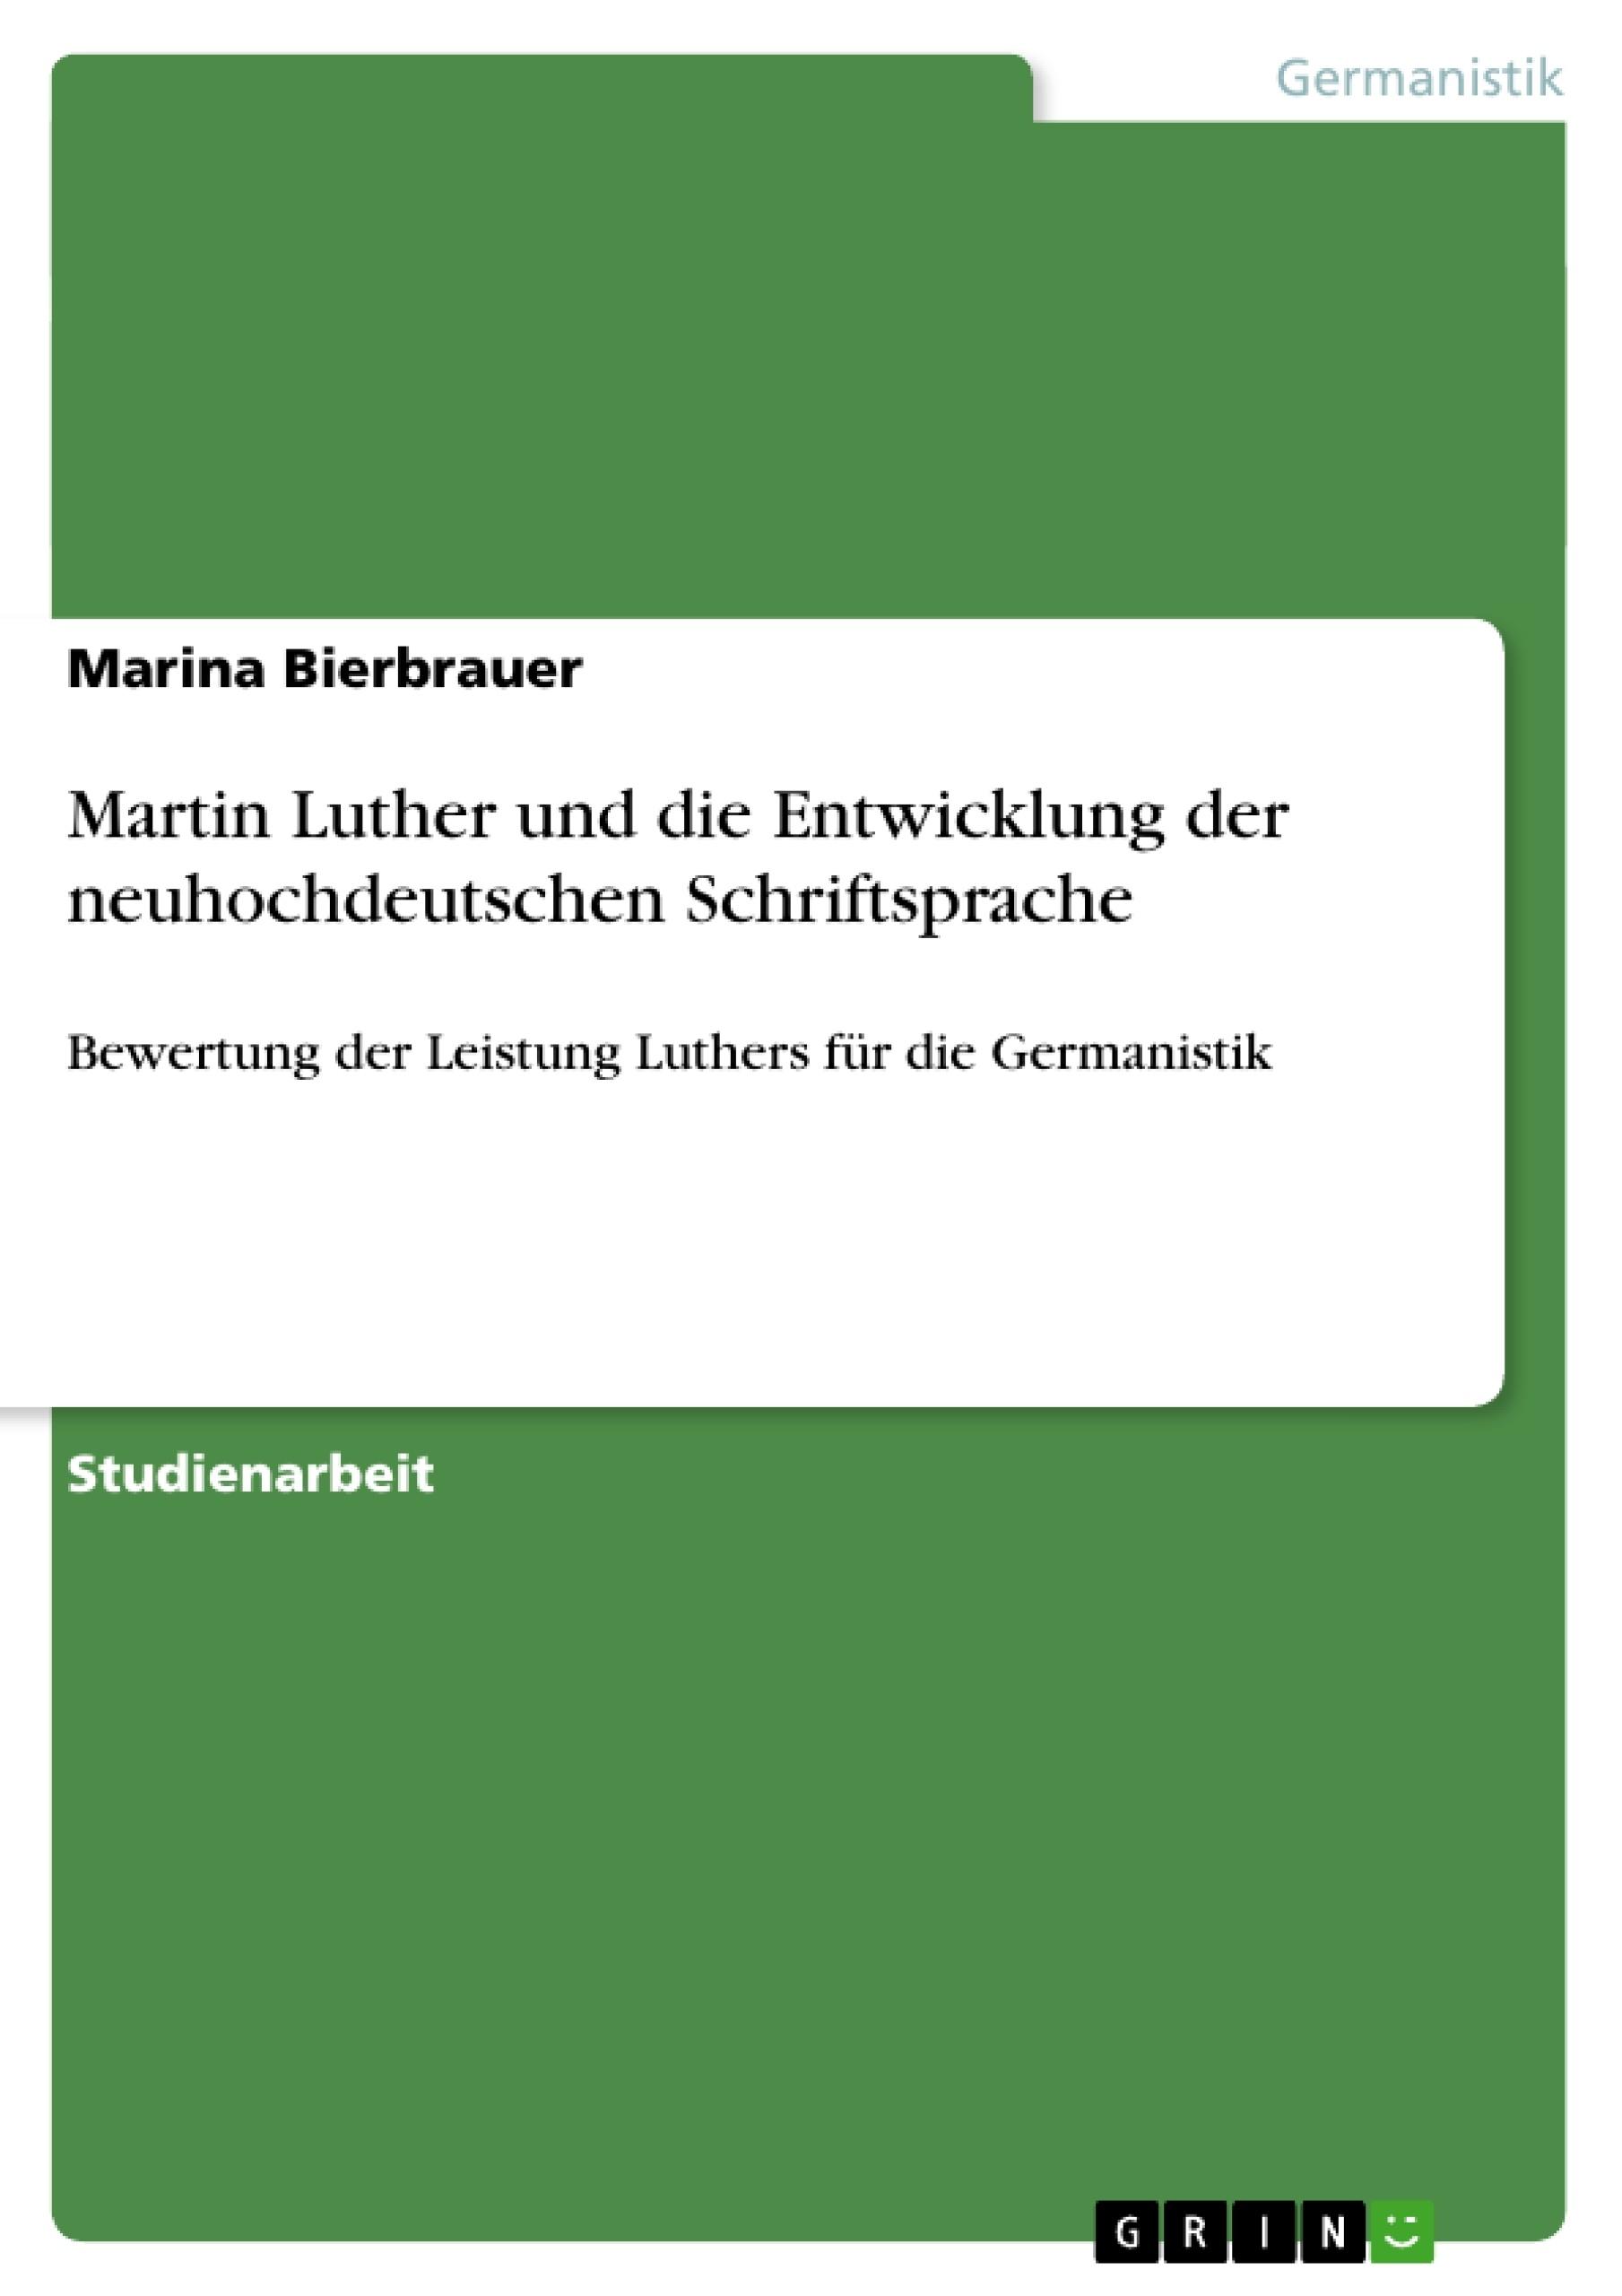 Titel: Martin Luther und die Entwicklung der neuhochdeutschen Schriftsprache